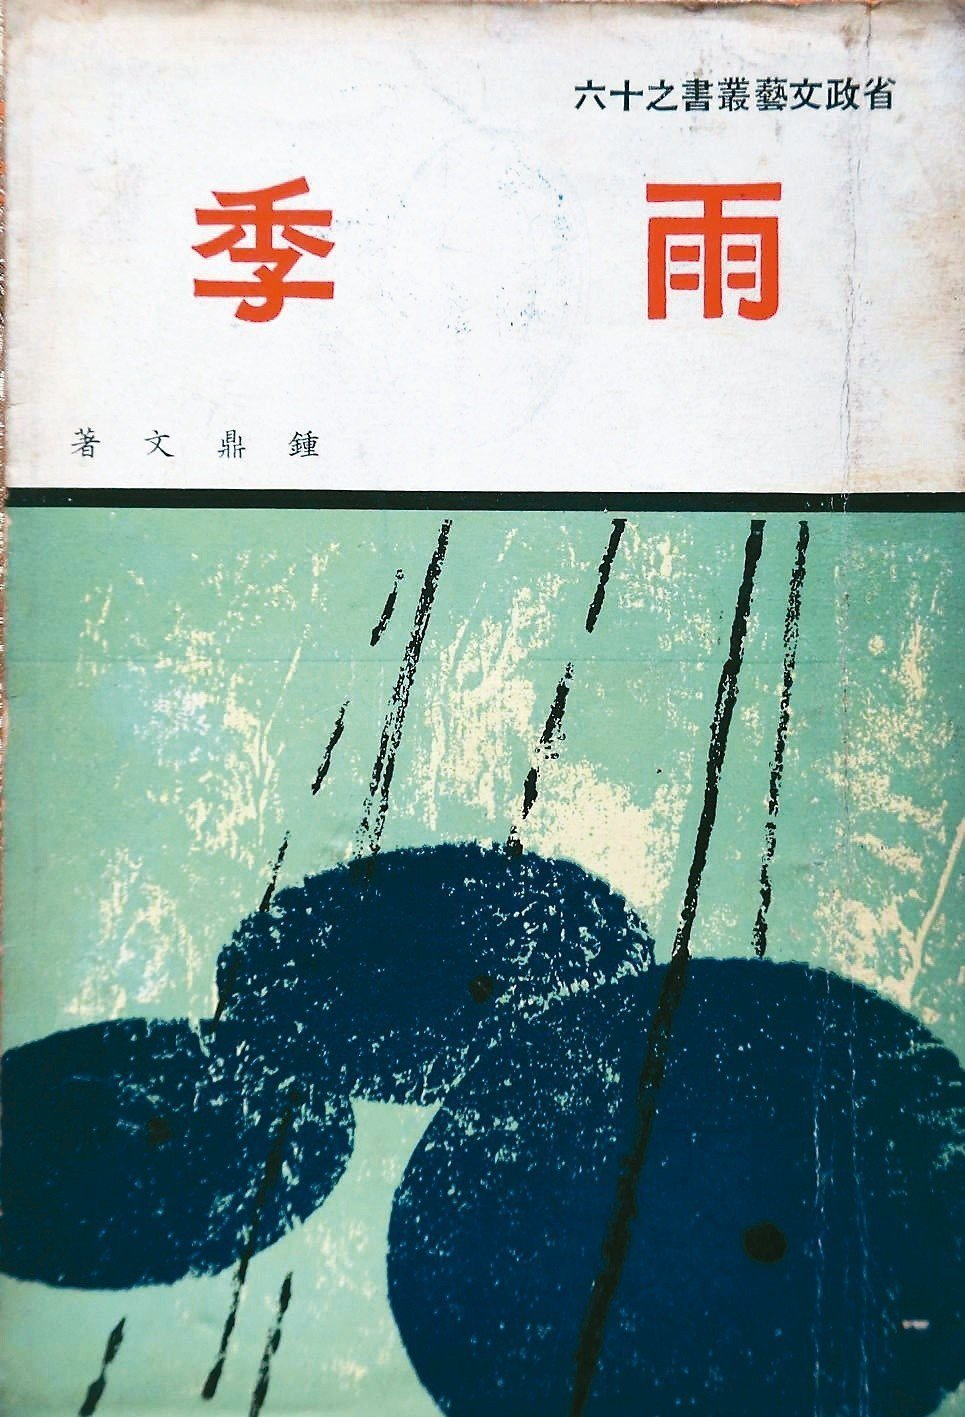 鍾鼎文詩集《雨季》。(圖/羅青提供)